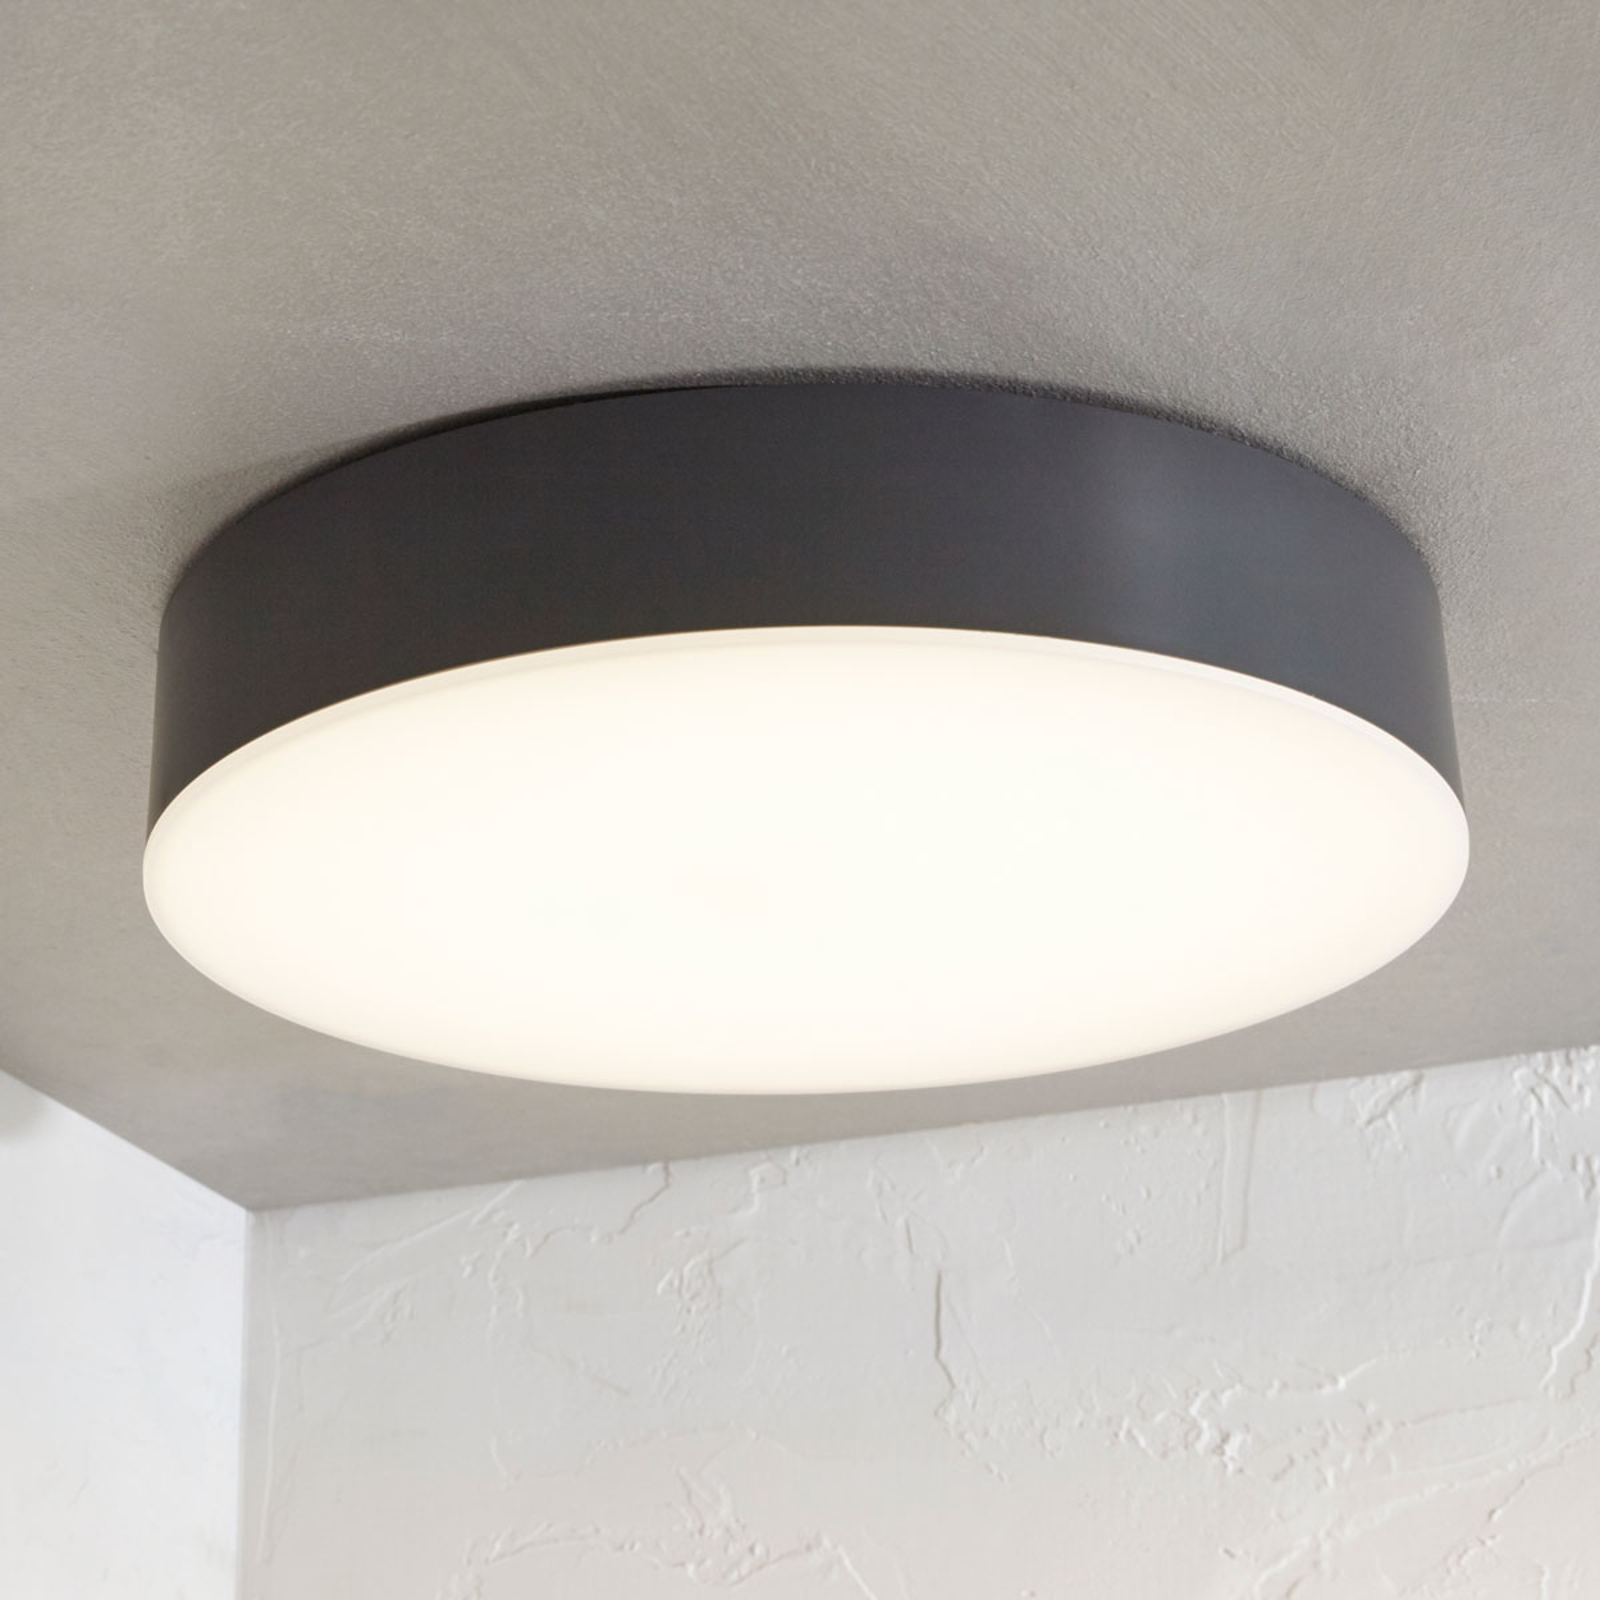 Plafonnier d'extérieur LED Lahja, IP65, gris foncé